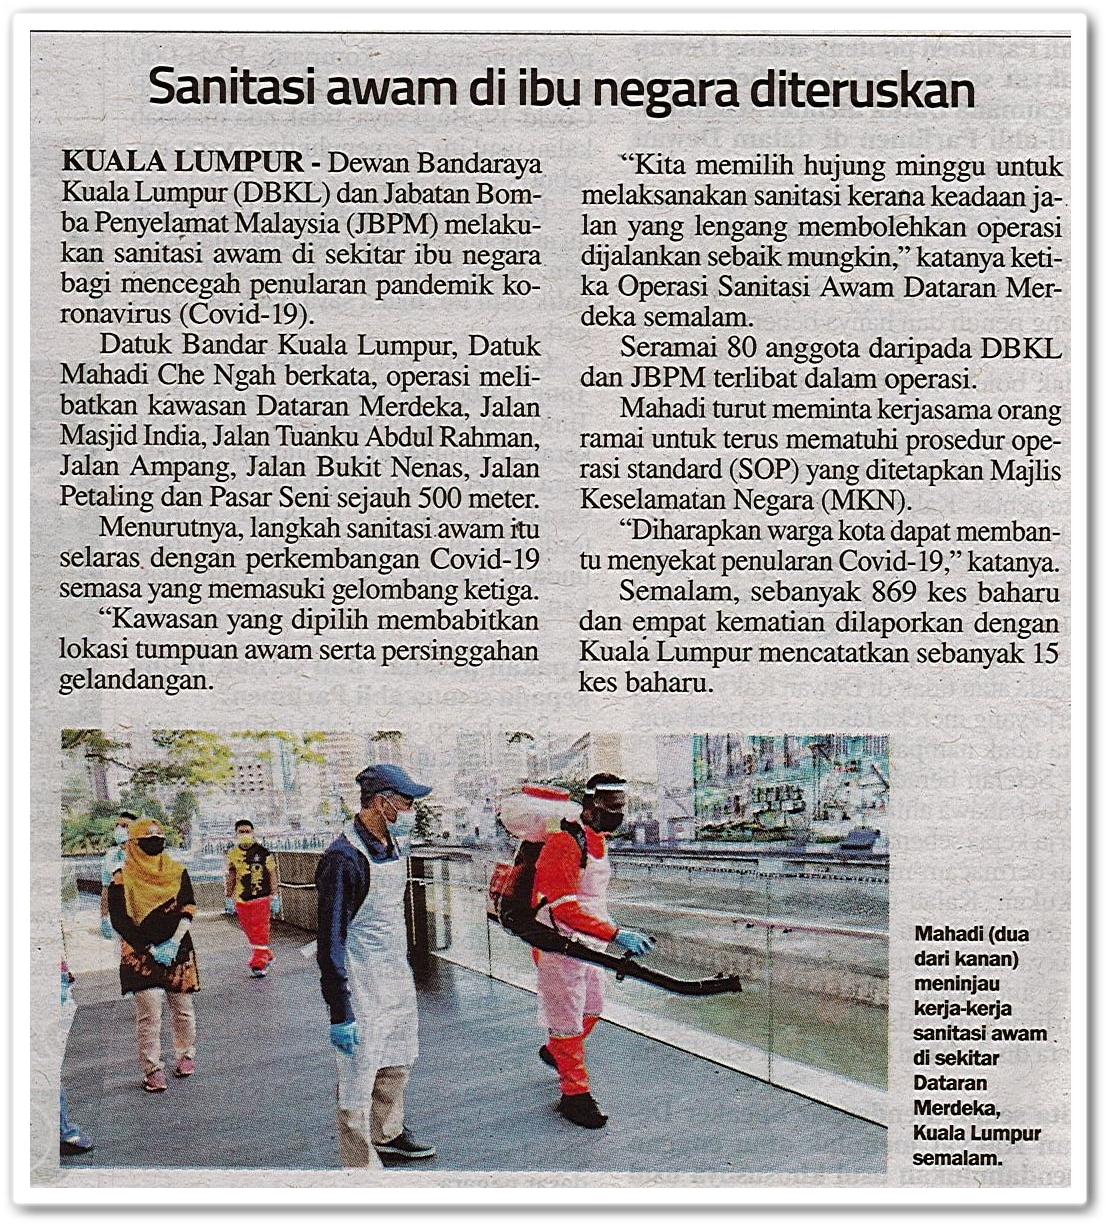 Sanitasi awam di ibu negara diteruskan - Keratan akhbar Sinar Ahad 18 Oktober 2020